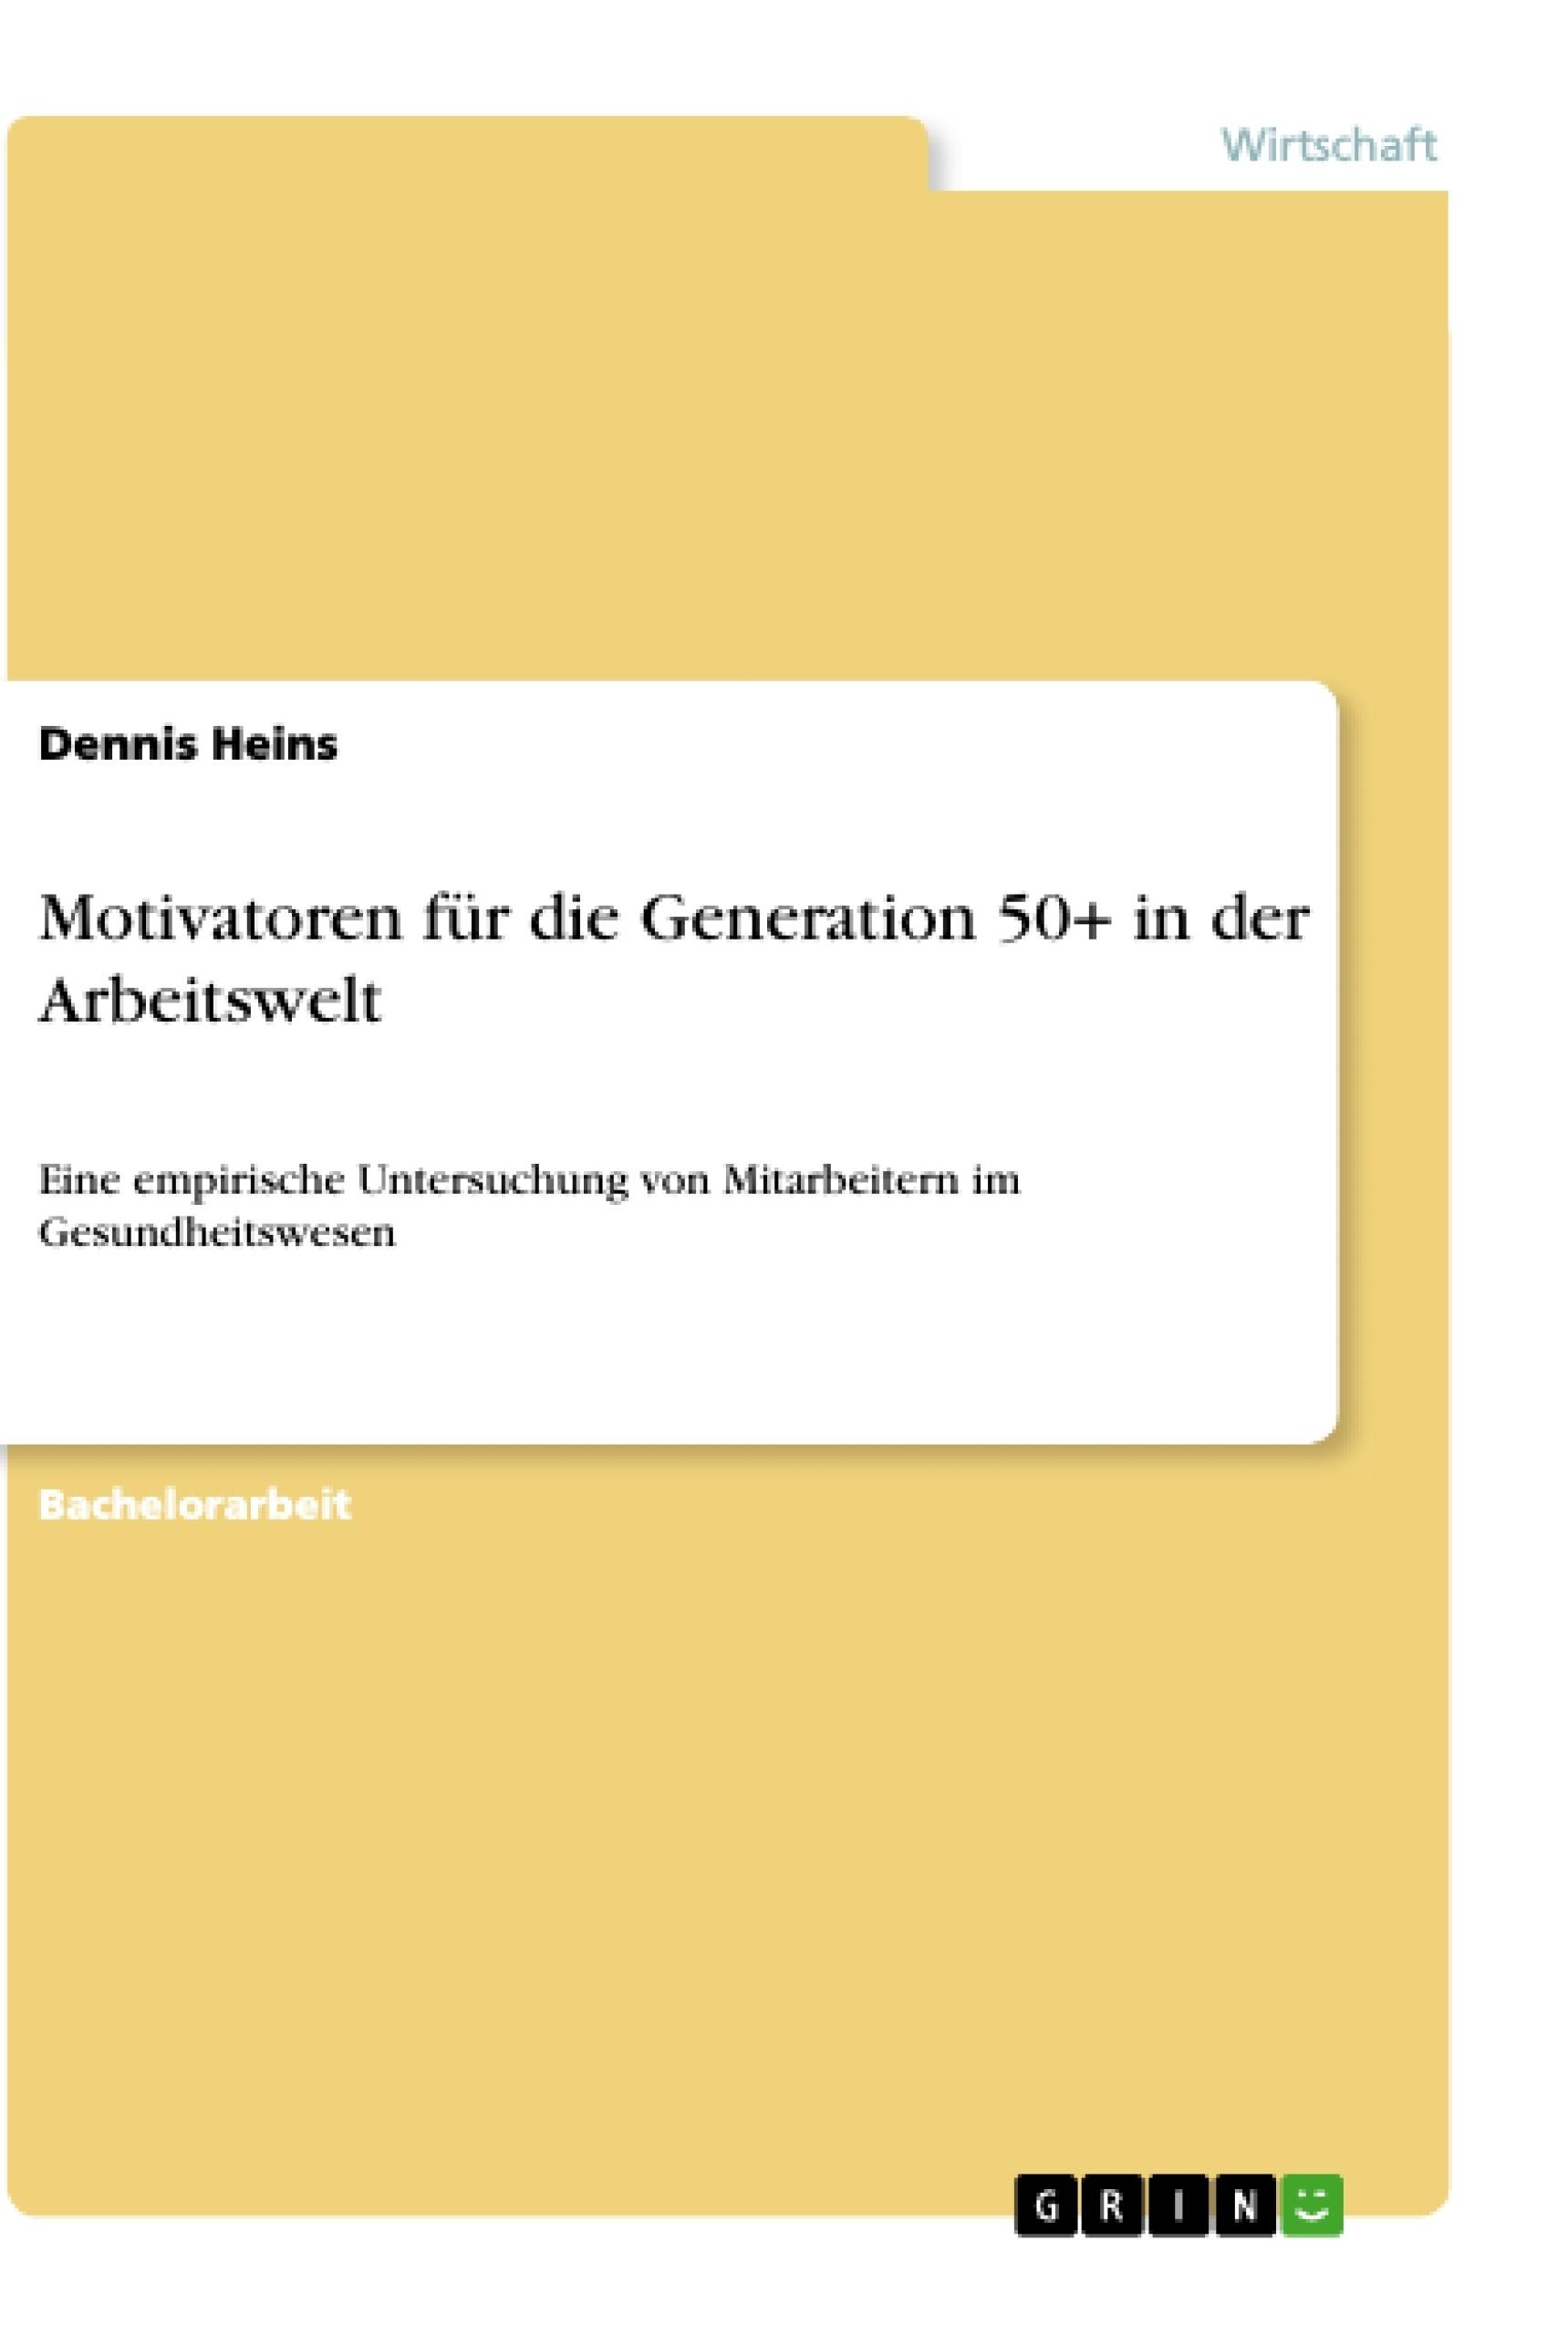 Titel: Motivatoren für die Generation 50+ in der Arbeitswelt